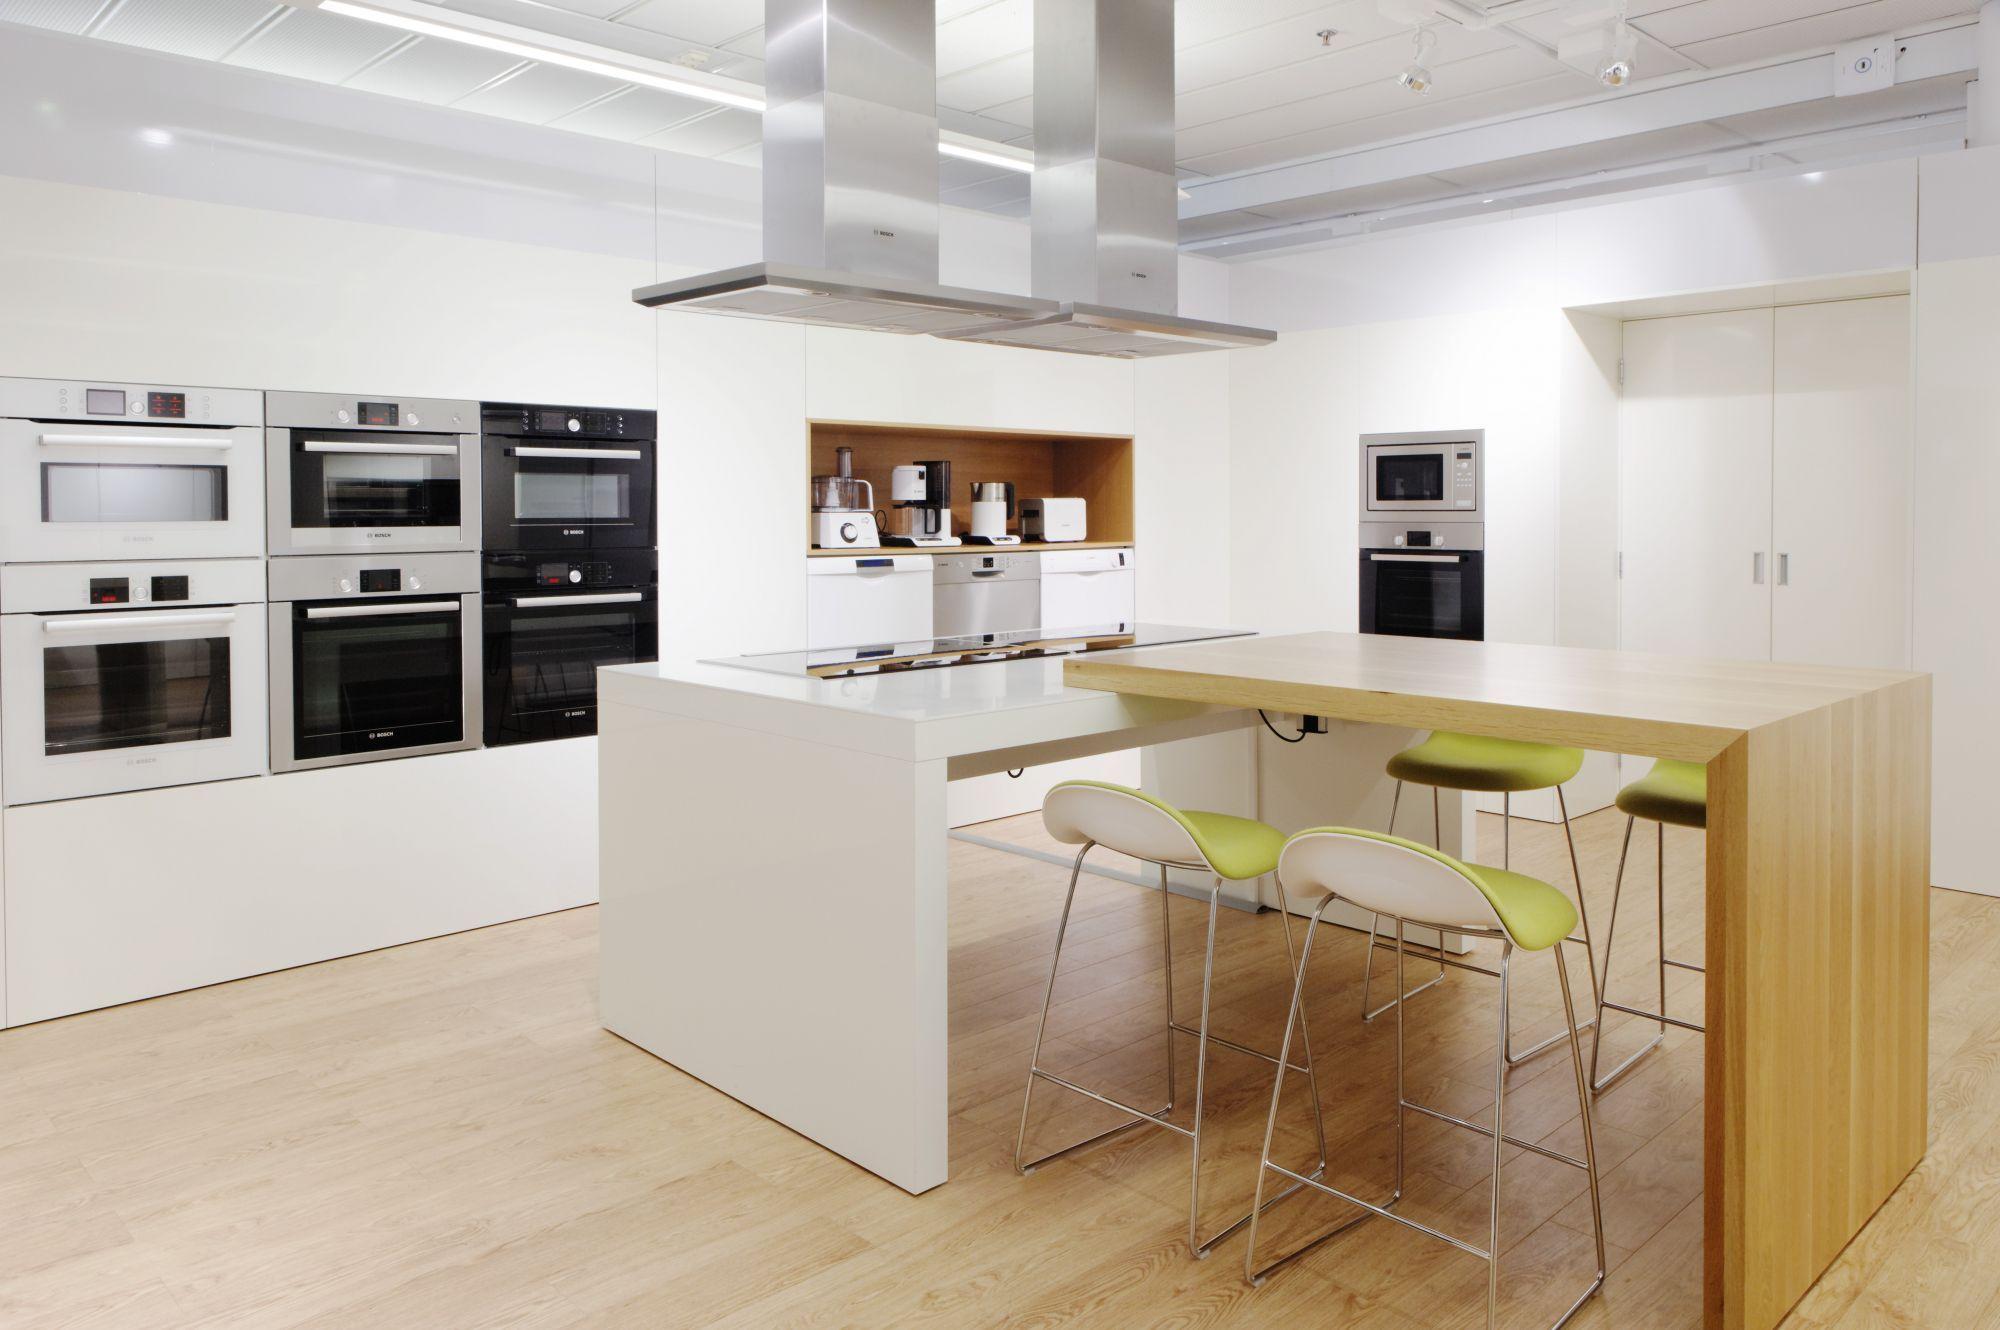 bosch appliance showroom - Google Search | 形象 | Kitchen ...